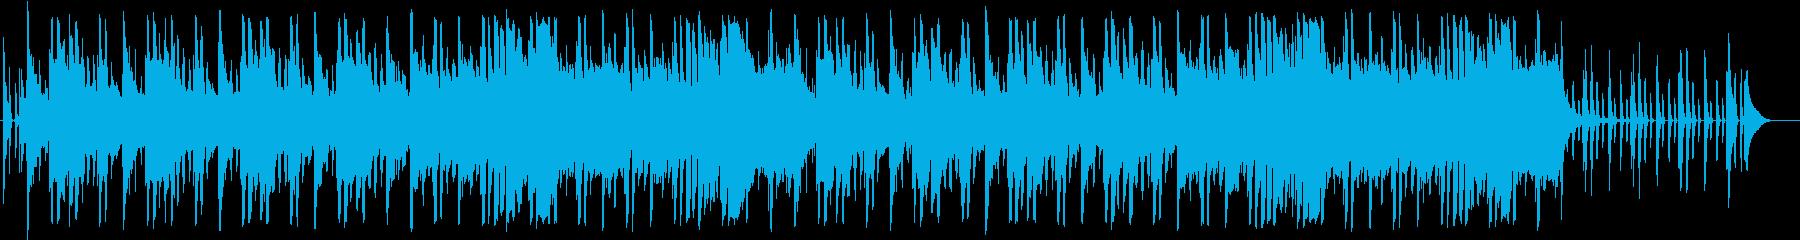 優しい、かわいい、チルアウトの再生済みの波形